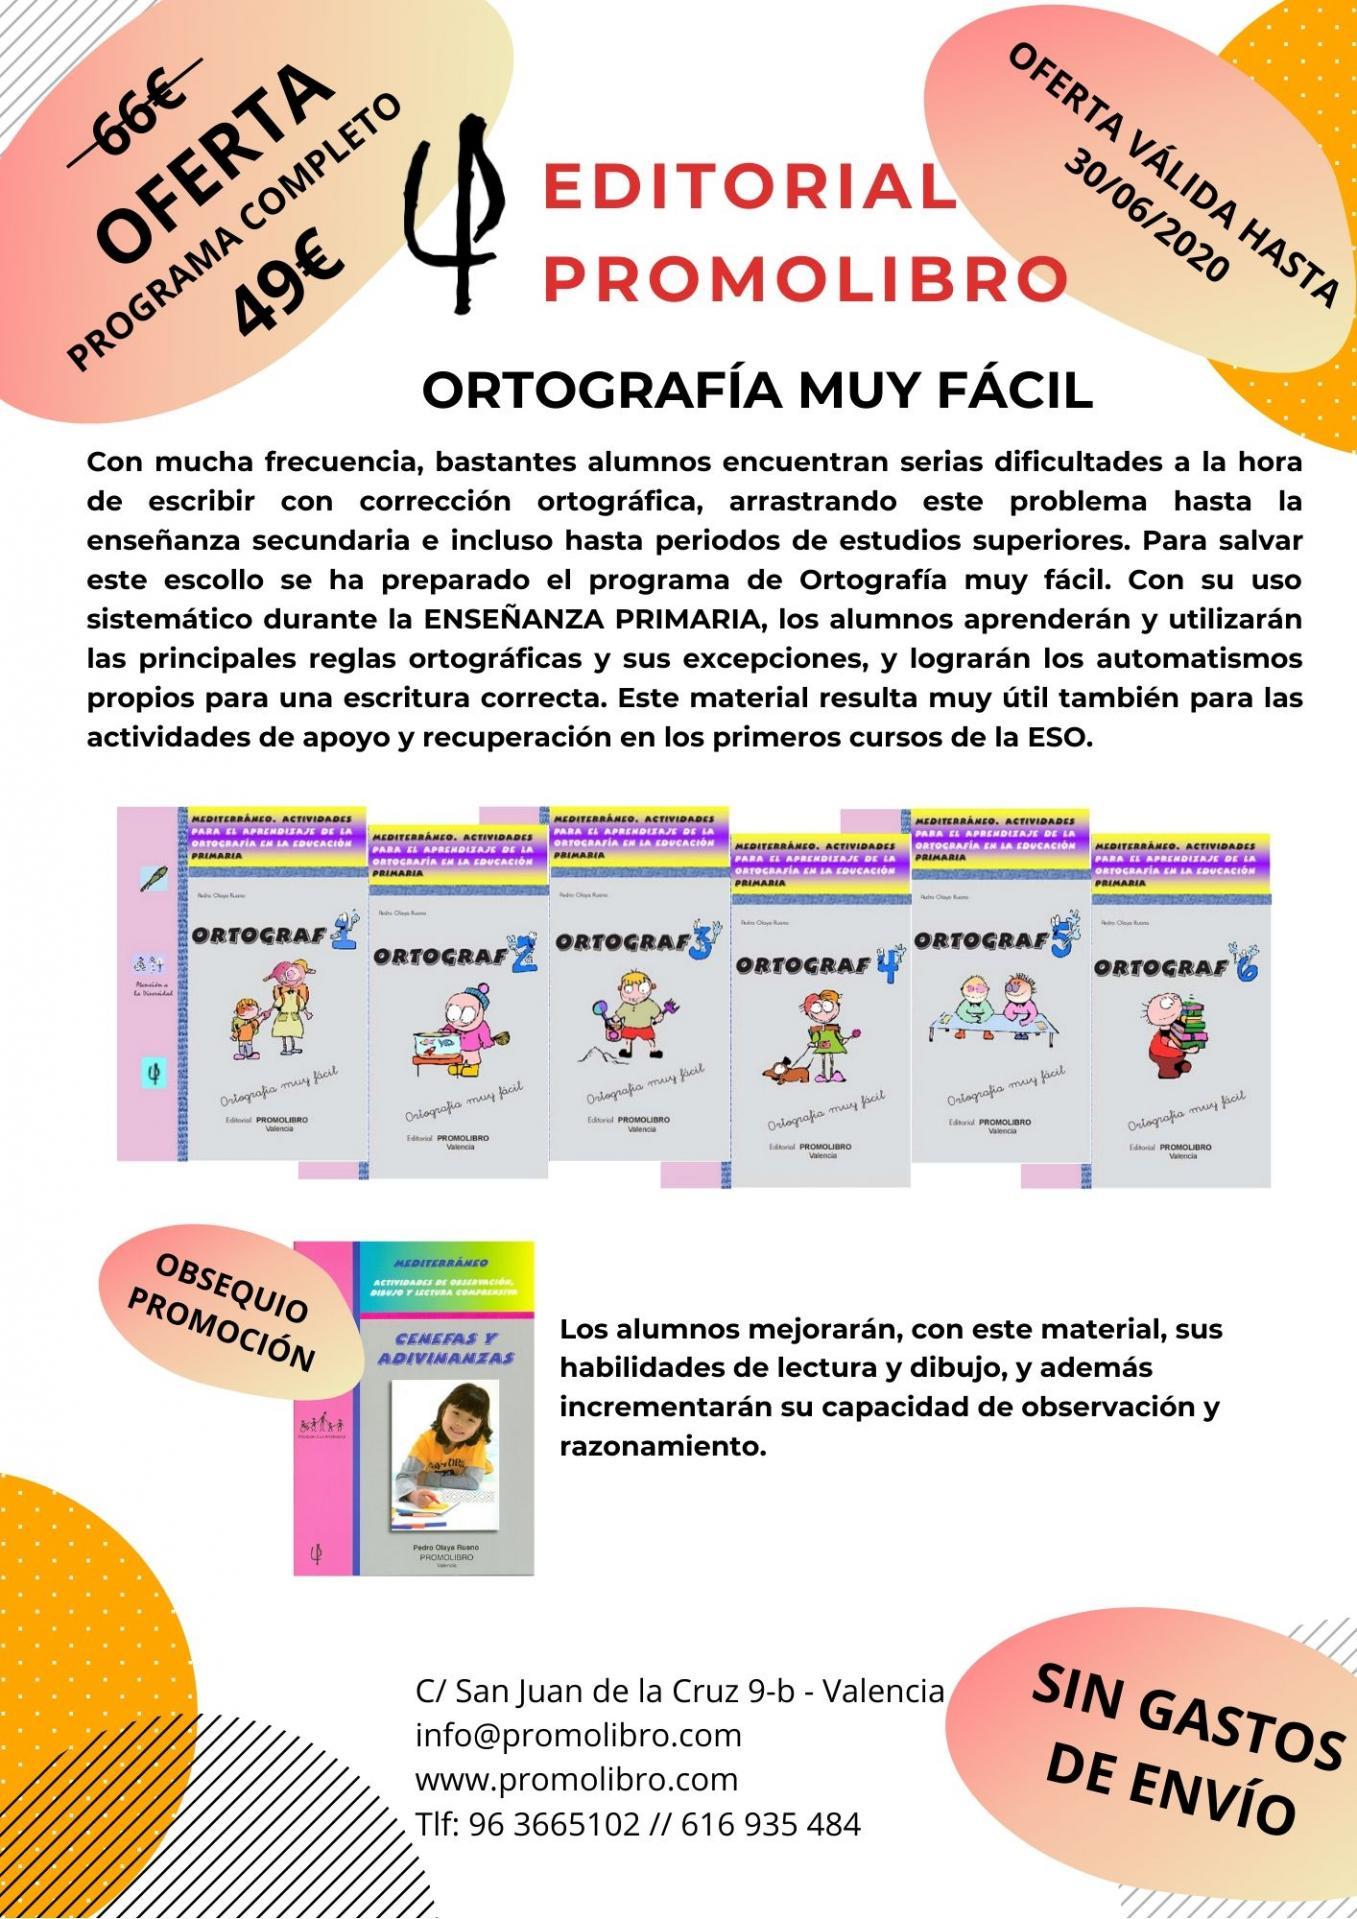 OFERTA. ORTOGRAFÍA MUY FÁCIL. ORTOGRAF PROGRAMA COMPLETO